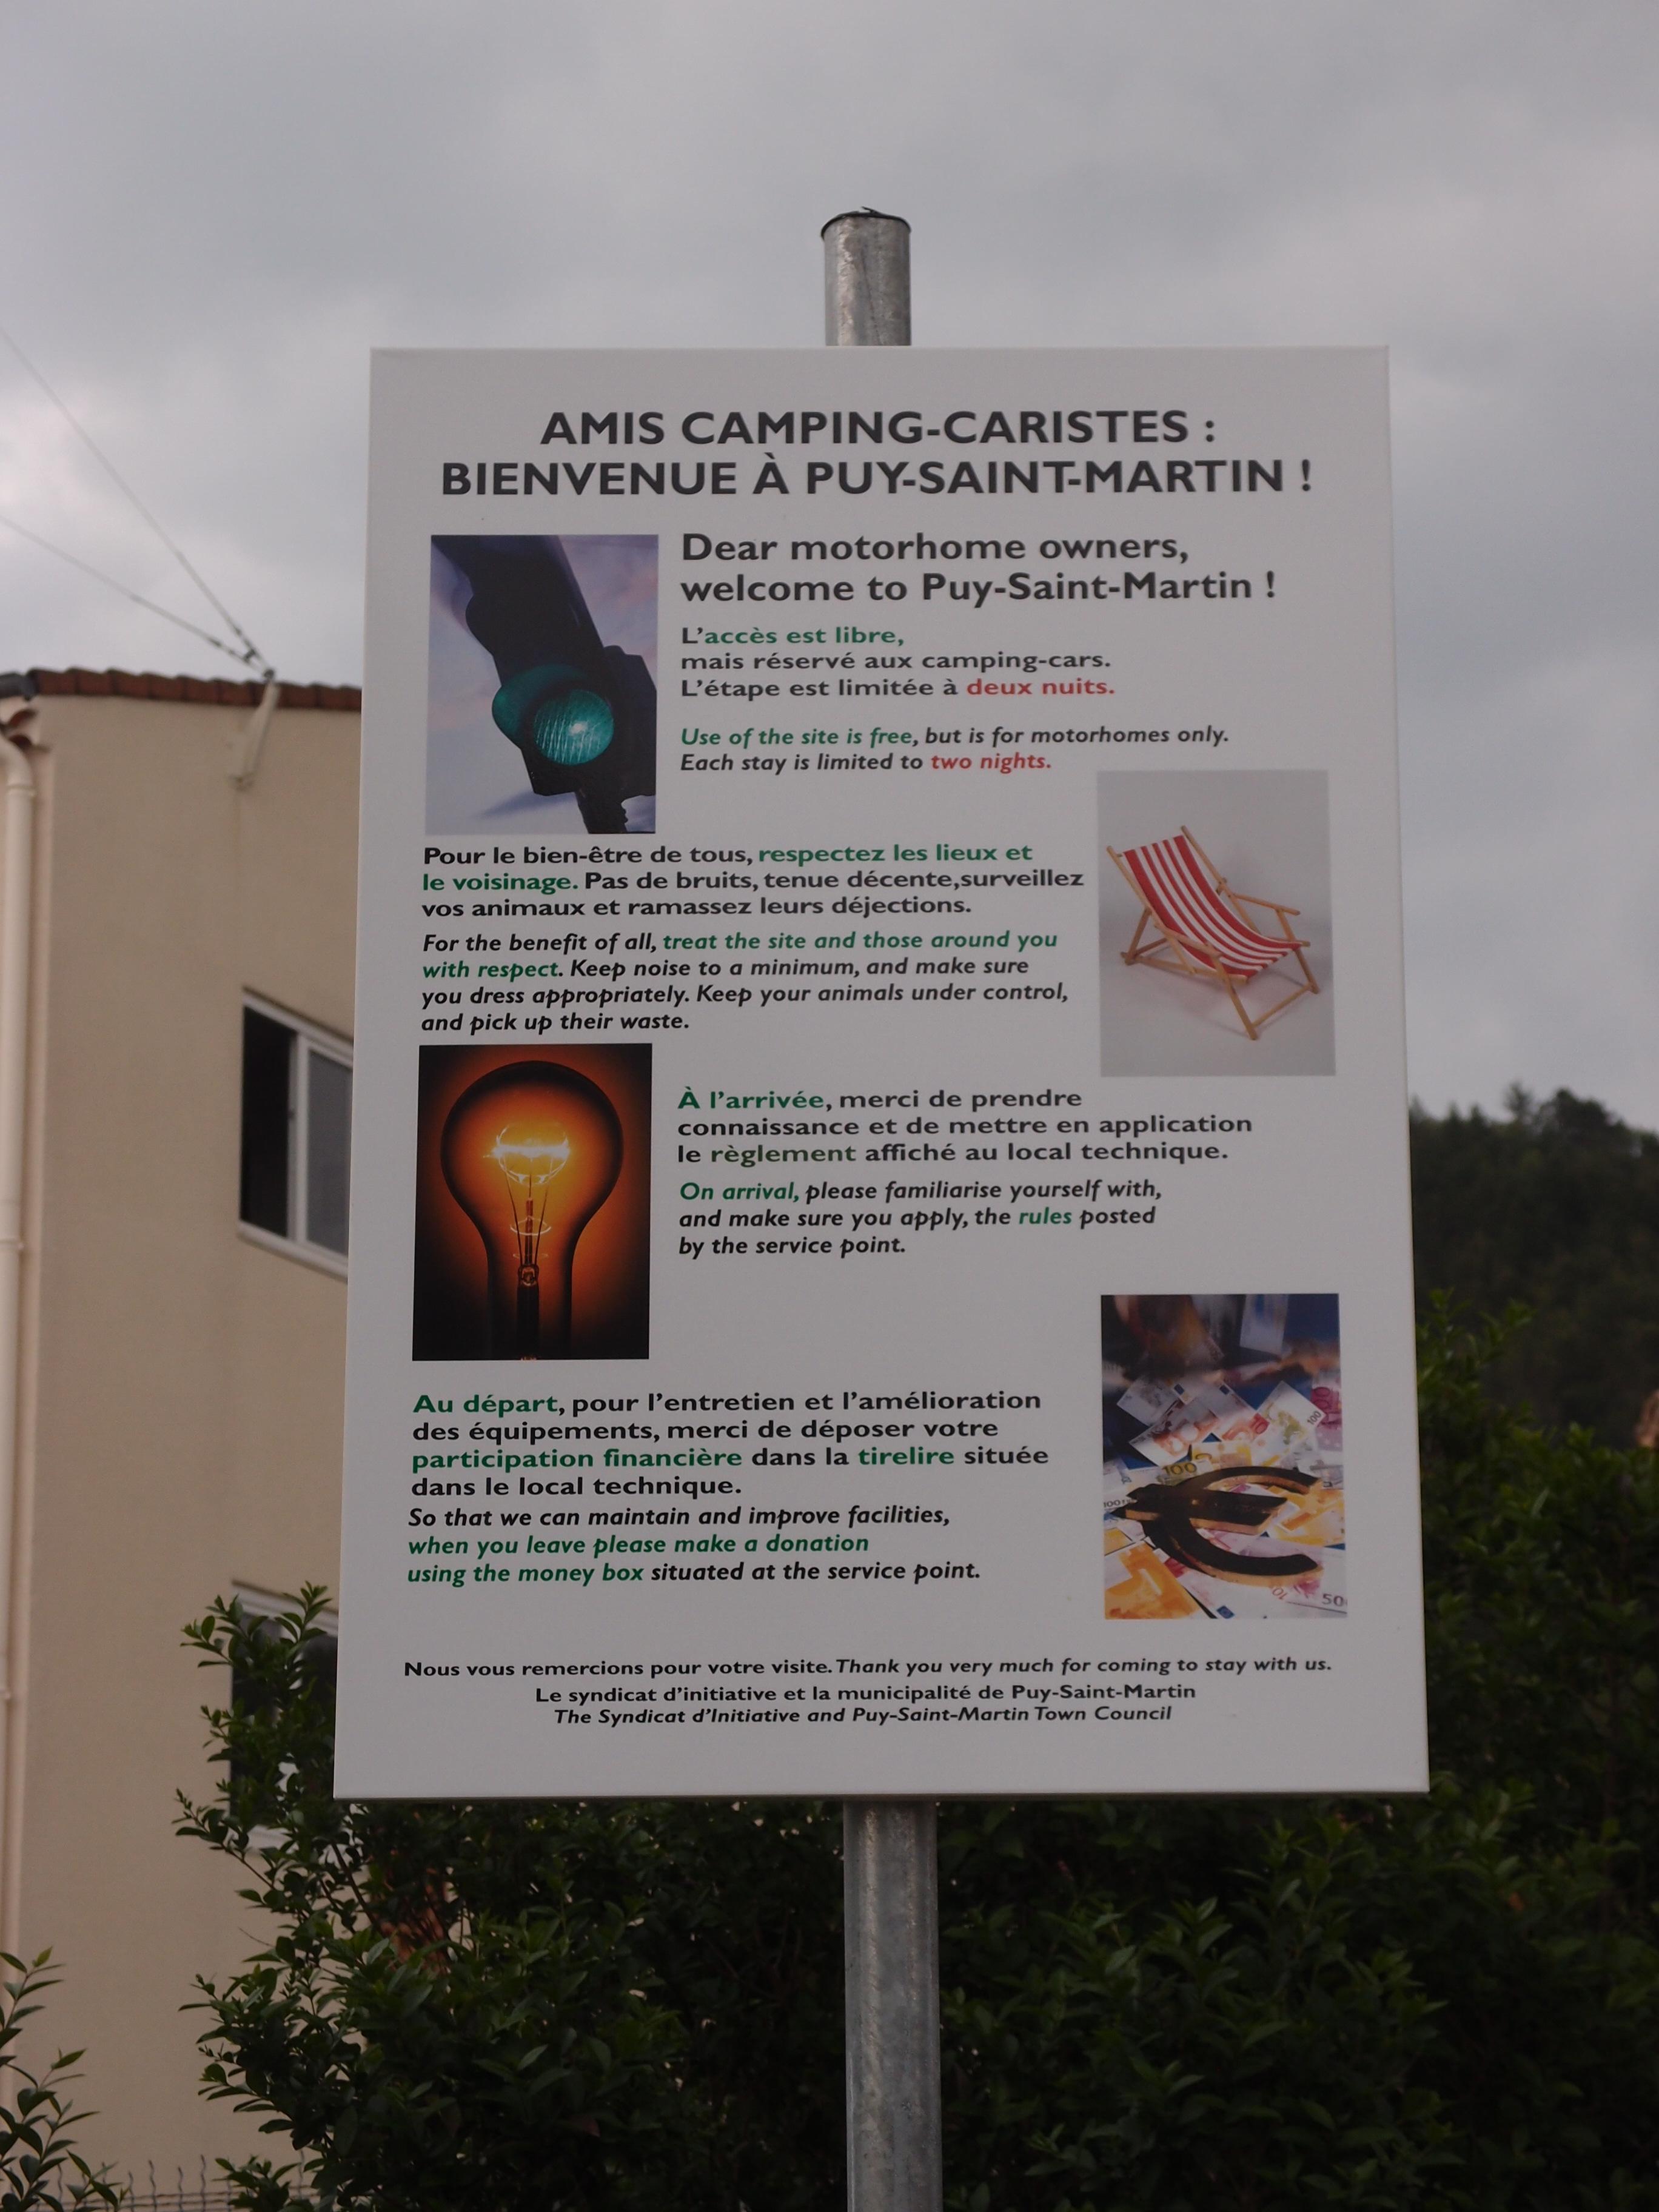 Panneau Bienvenue campings car